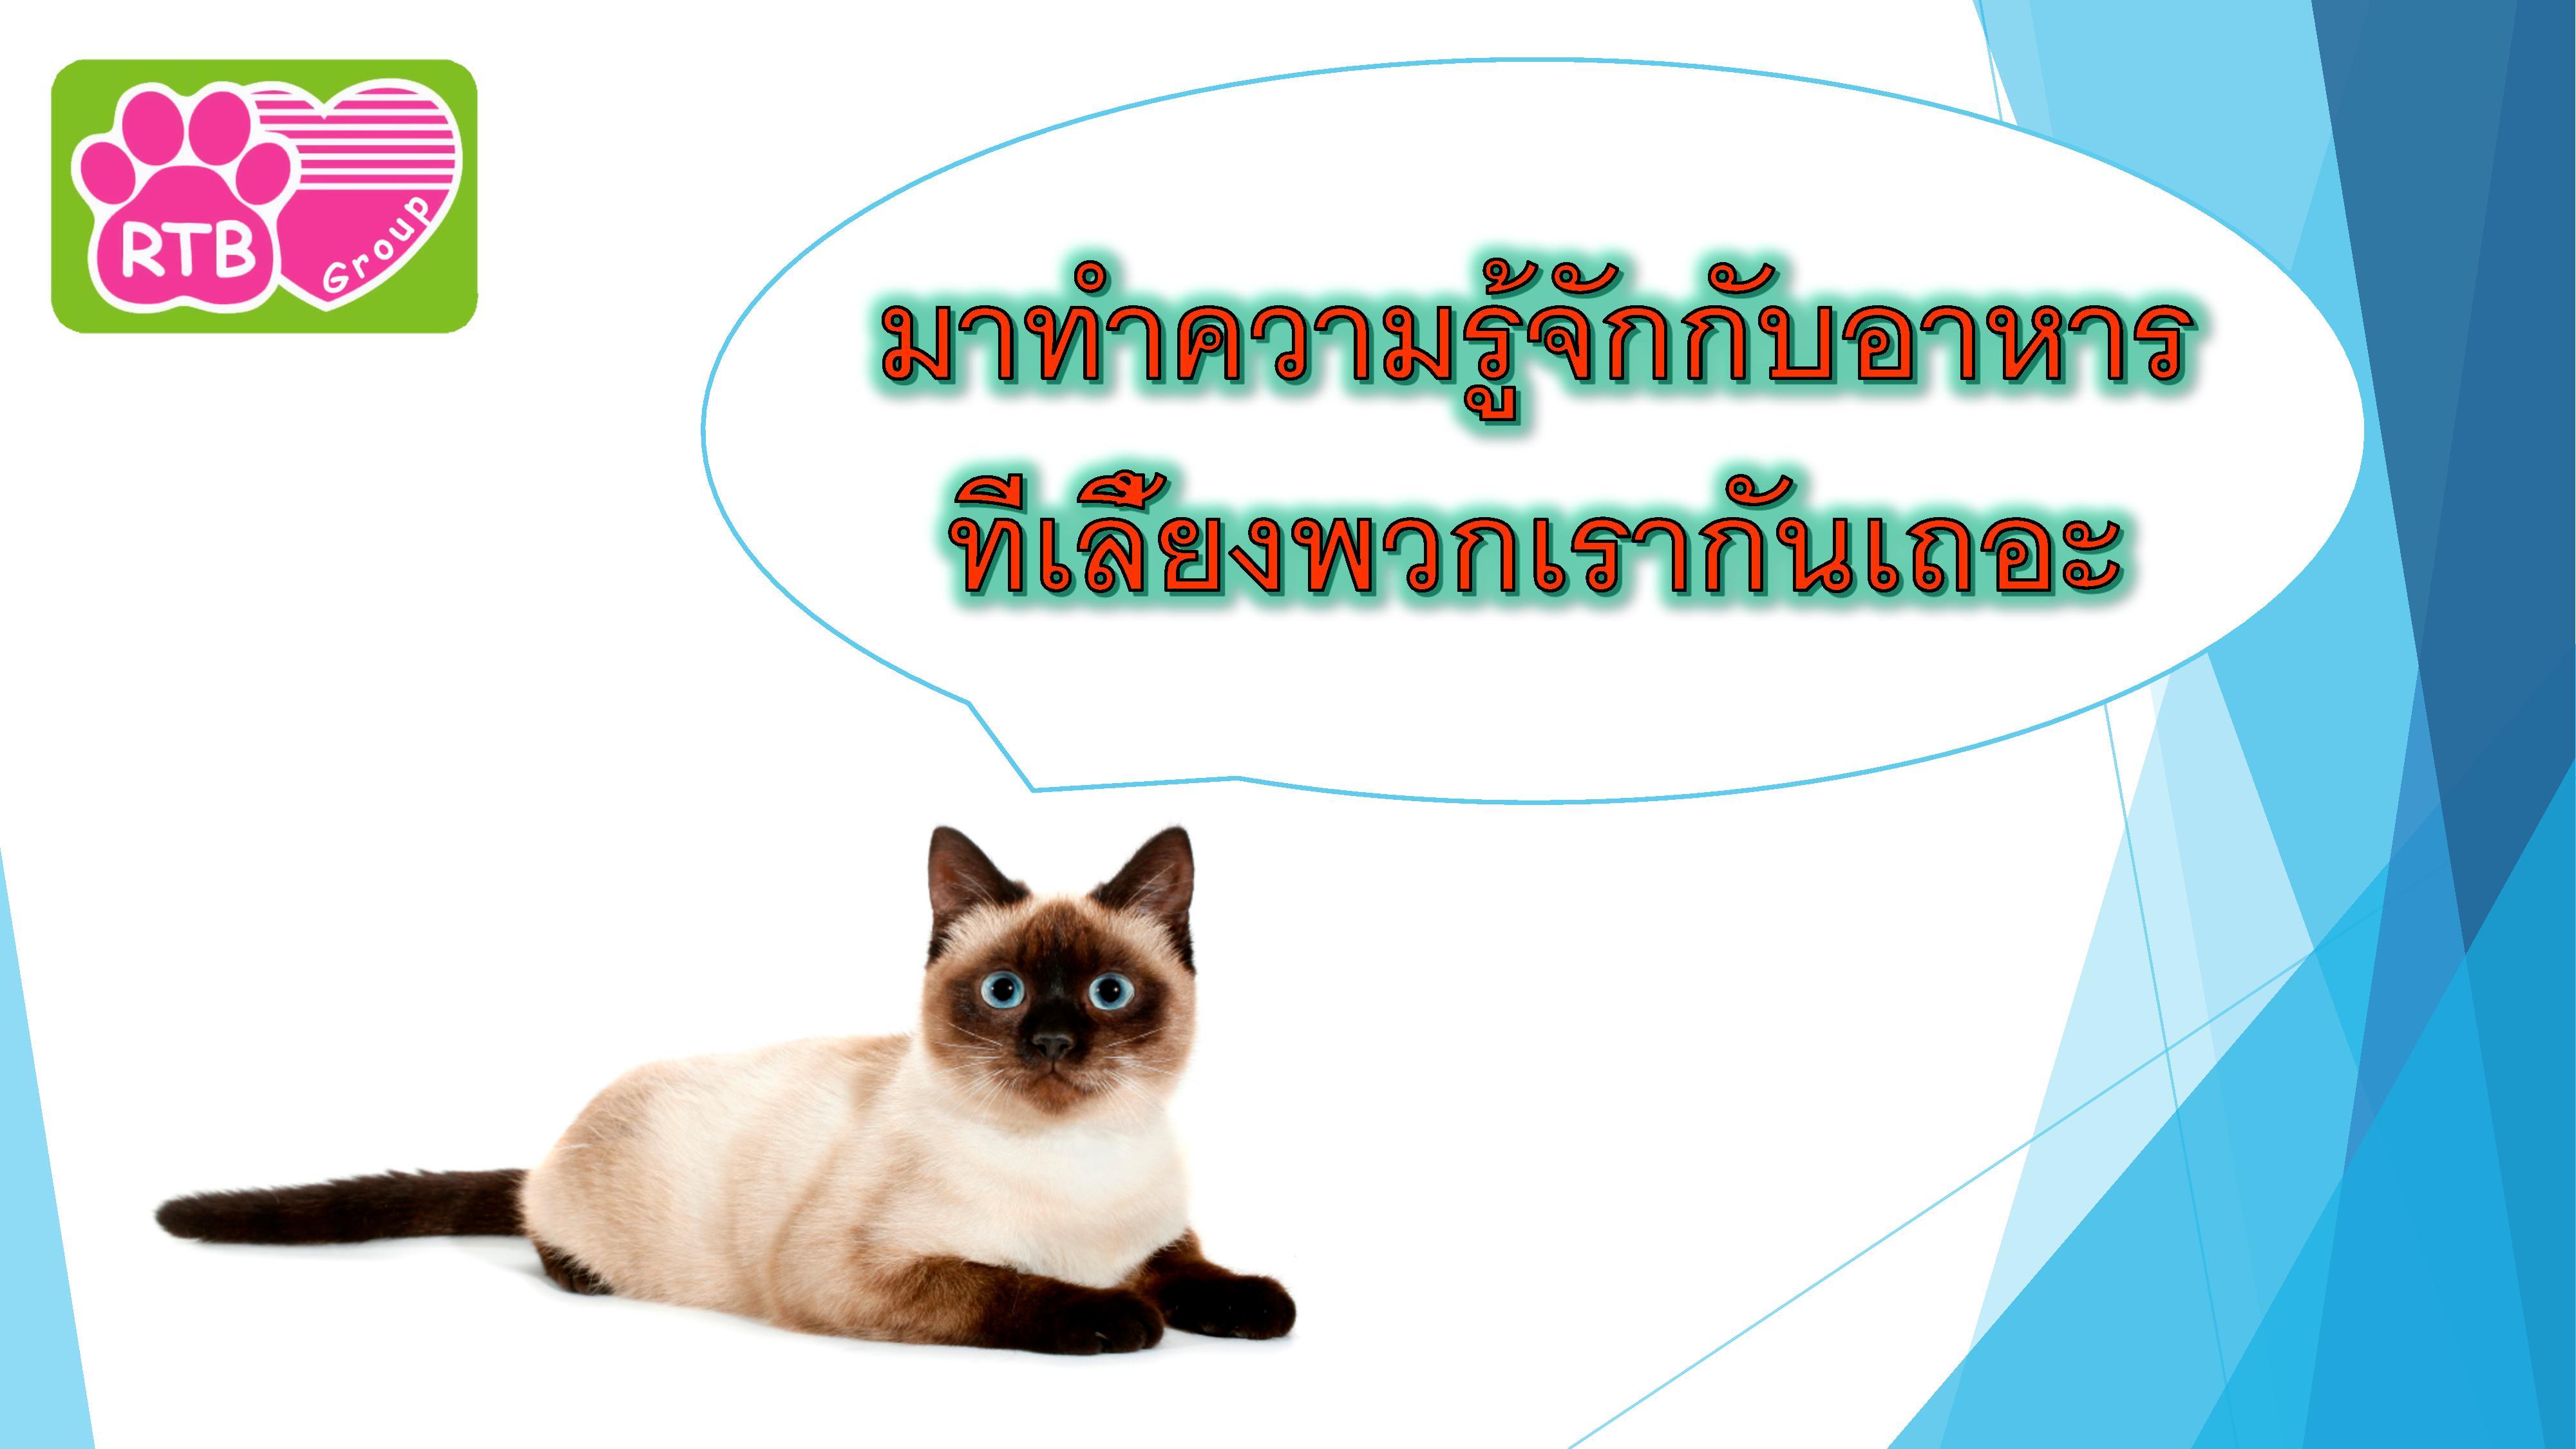 อาหารแมว max extra -page-001